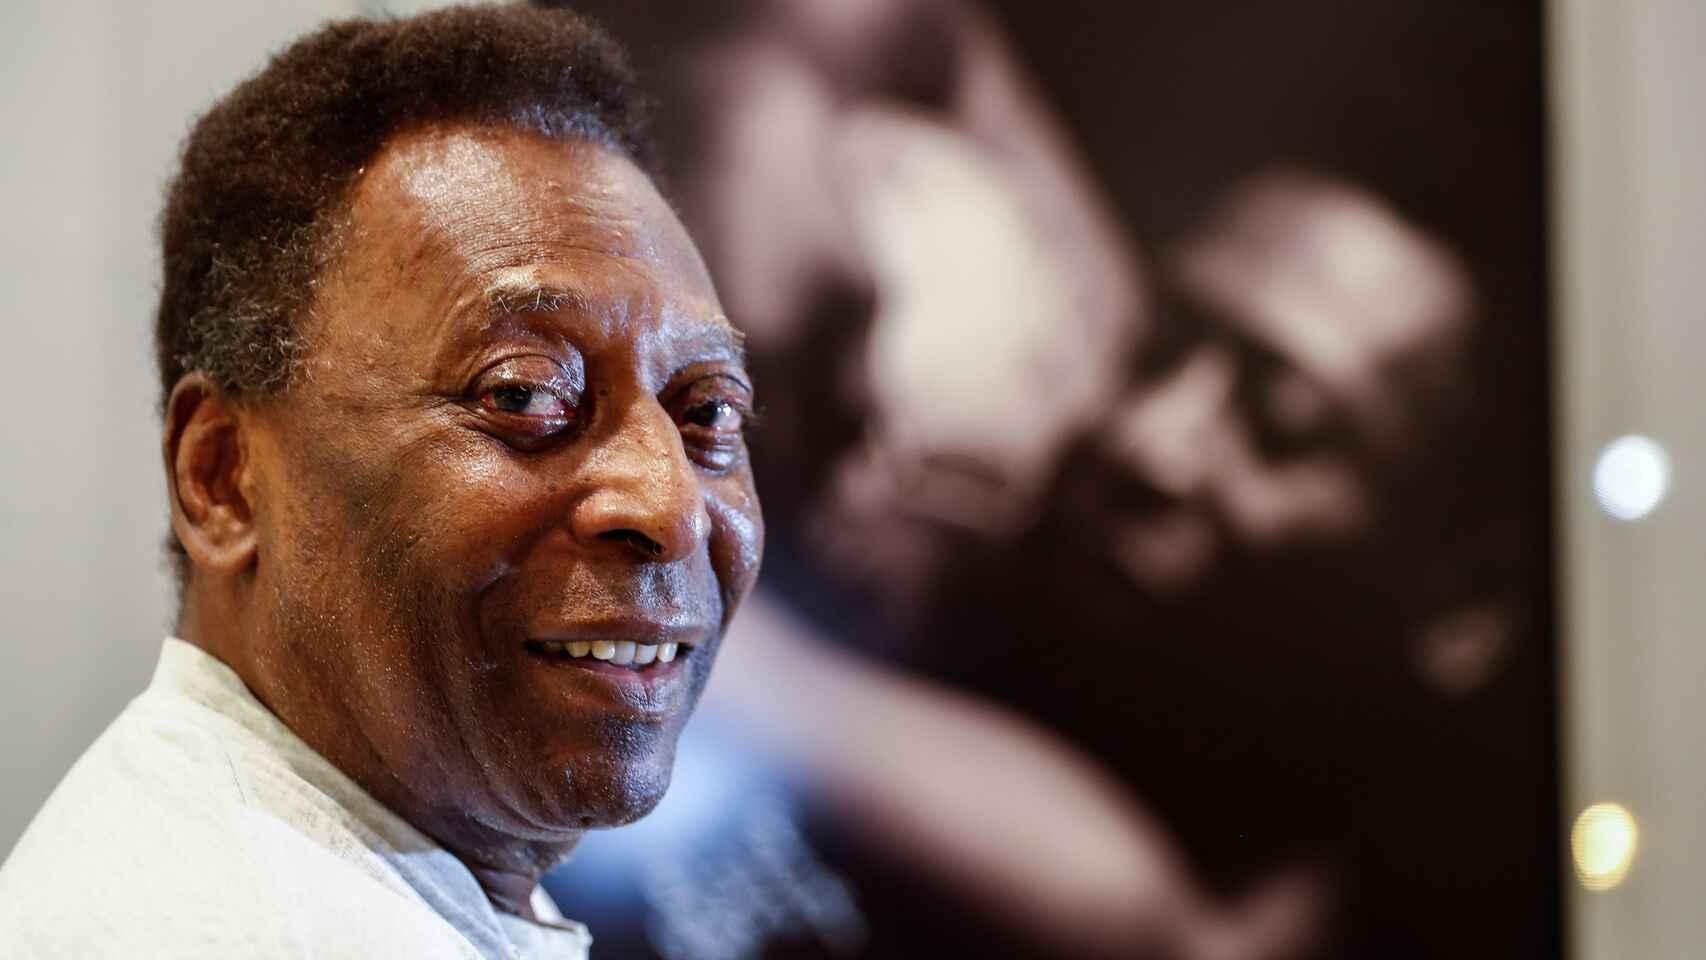 Diez mil dólares para hablar 30 minutos con Pelé por una buena causa